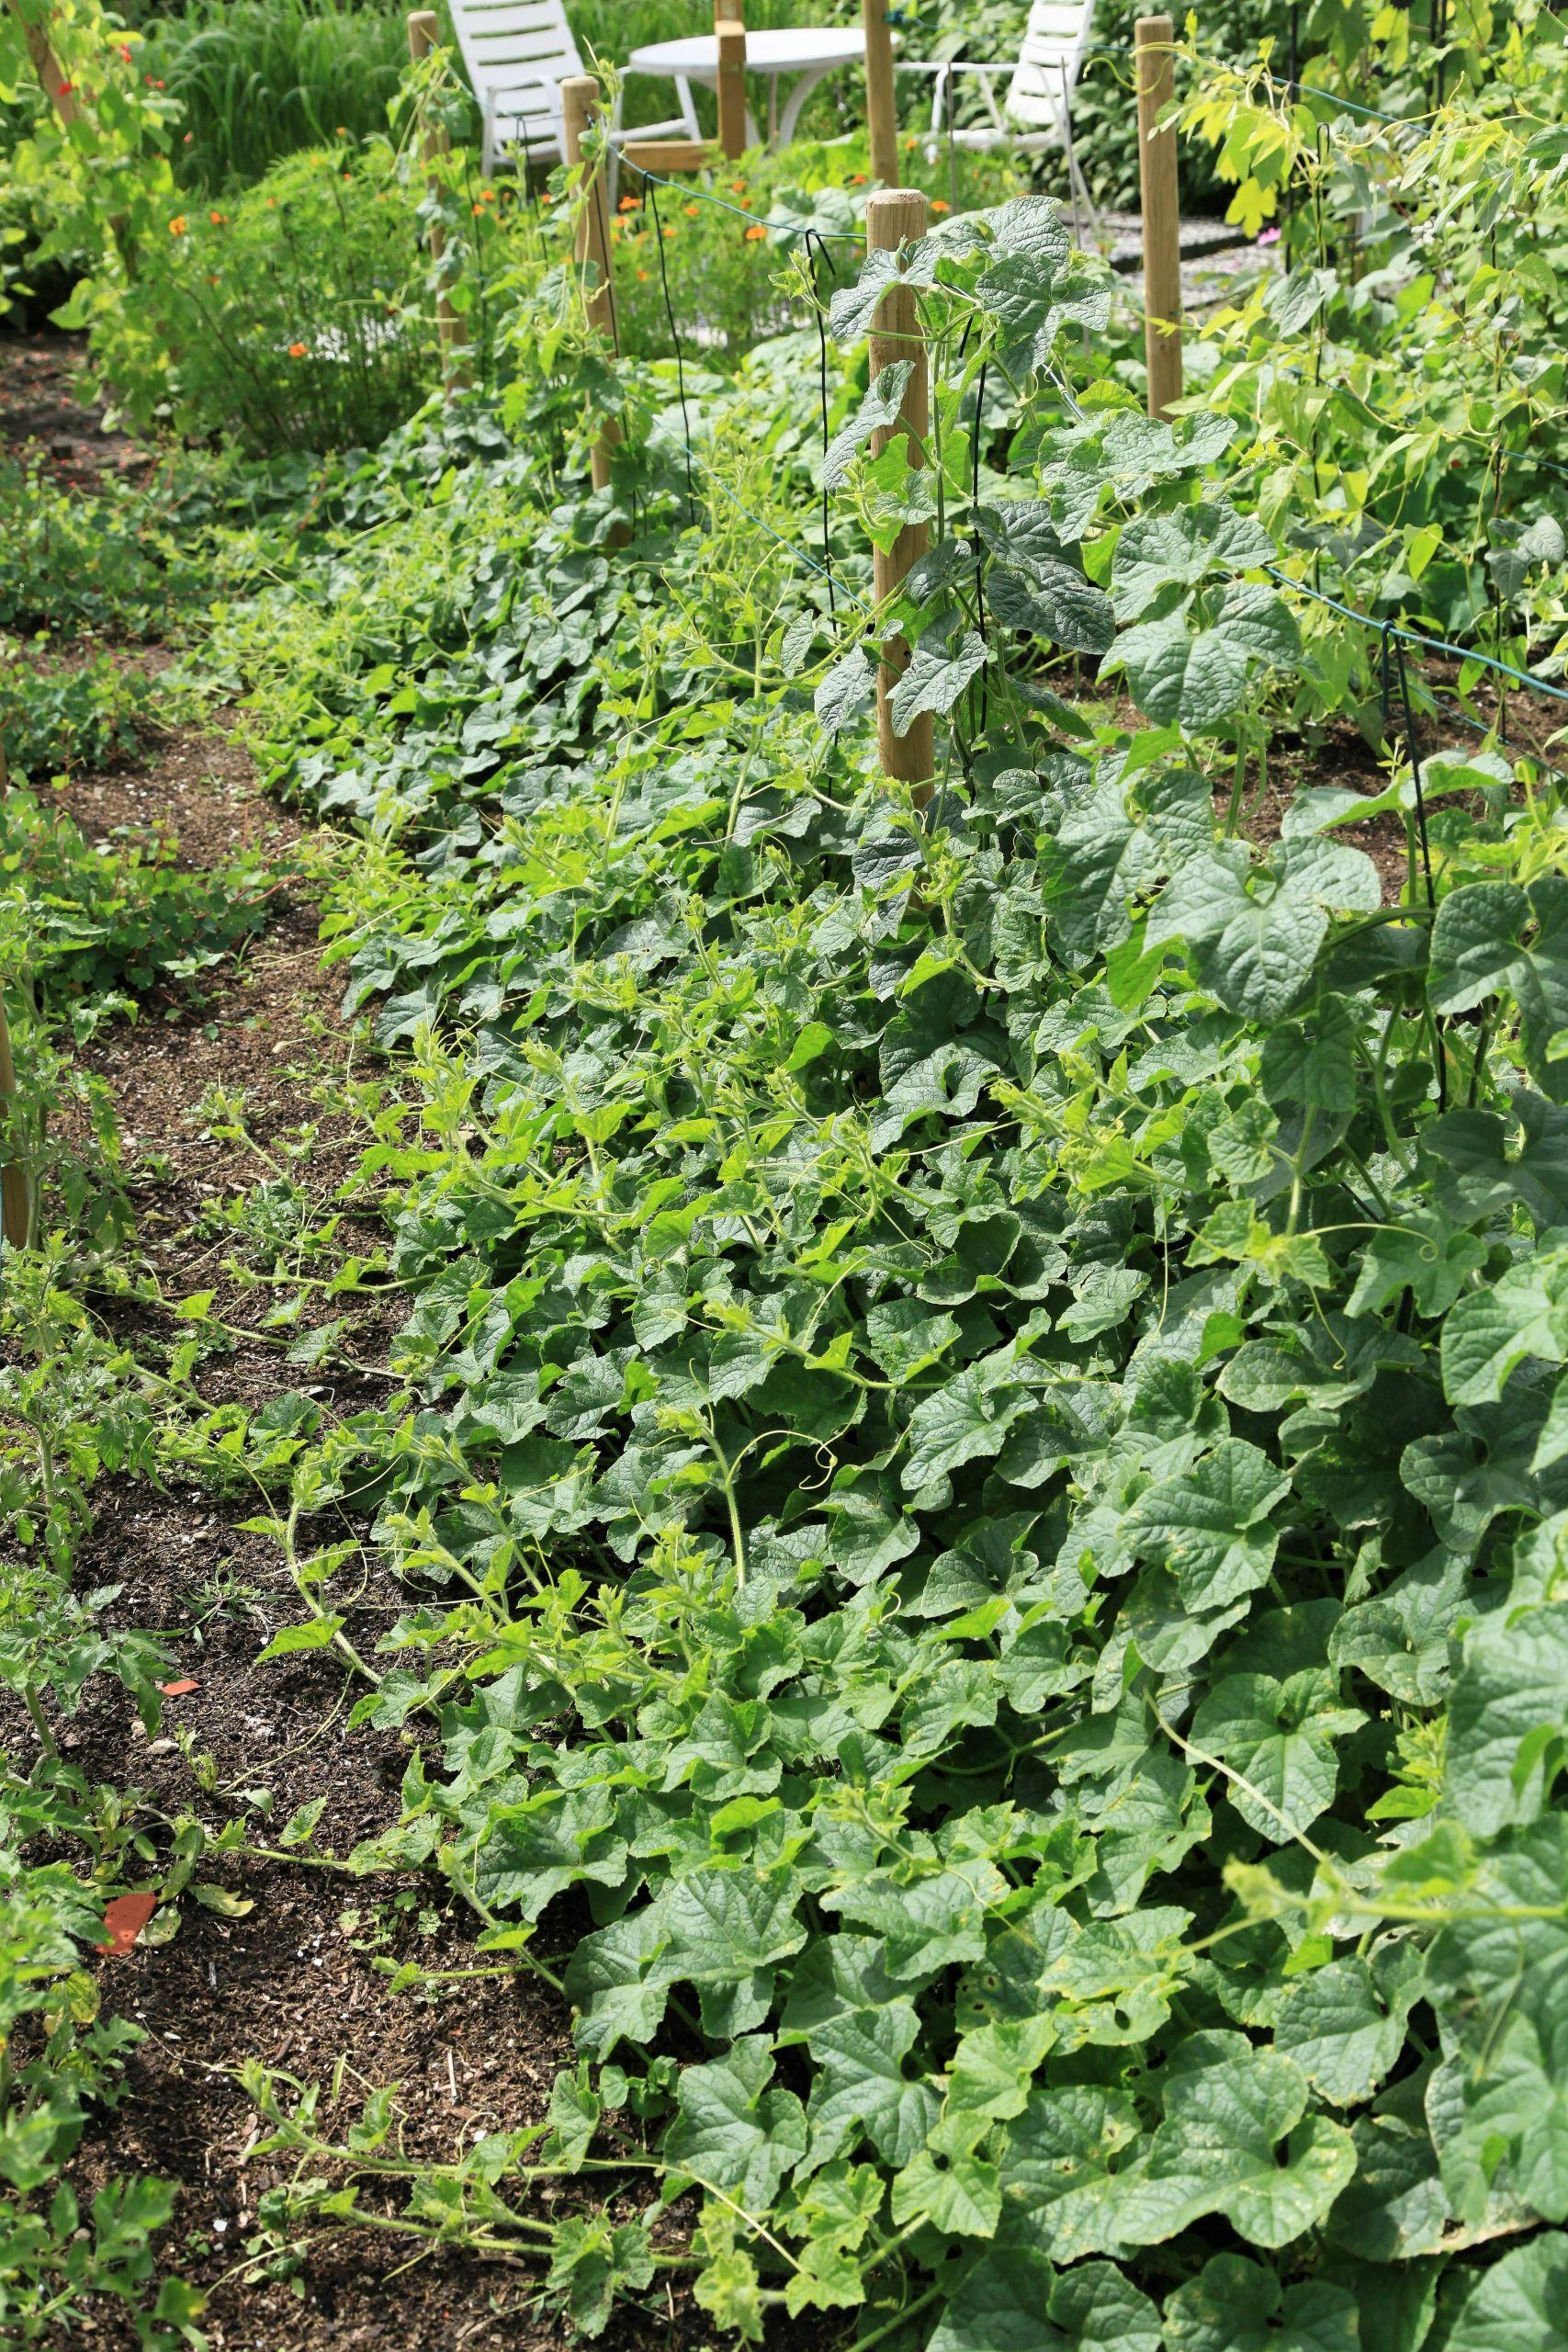 Horngurke Kiwano Cucumis metuliferus im Garten kletternd 08 ies